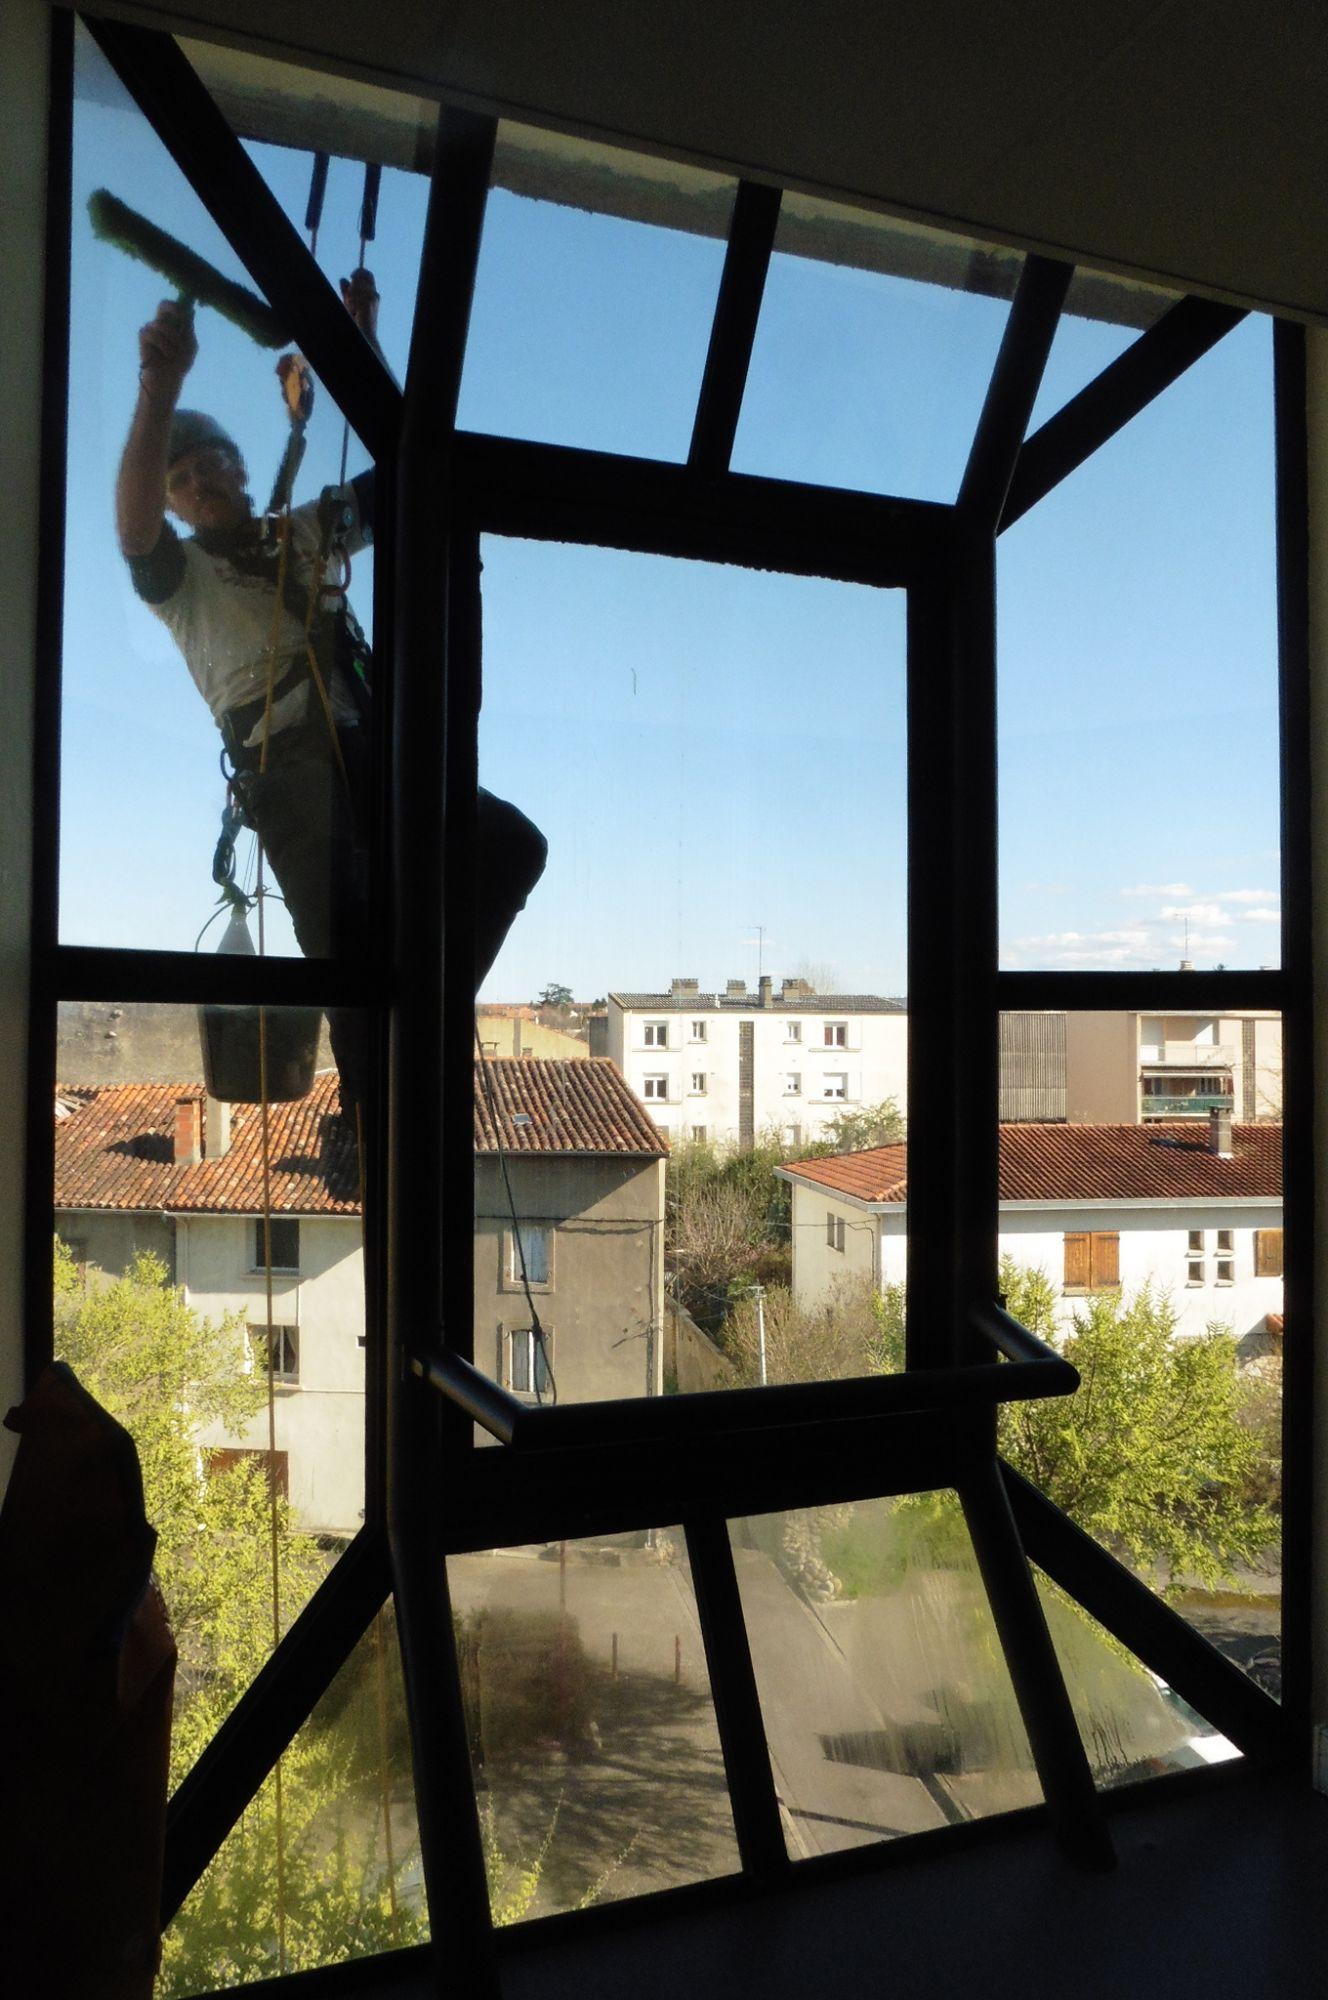 Nettoyage verrière - Mairie de Pamiers